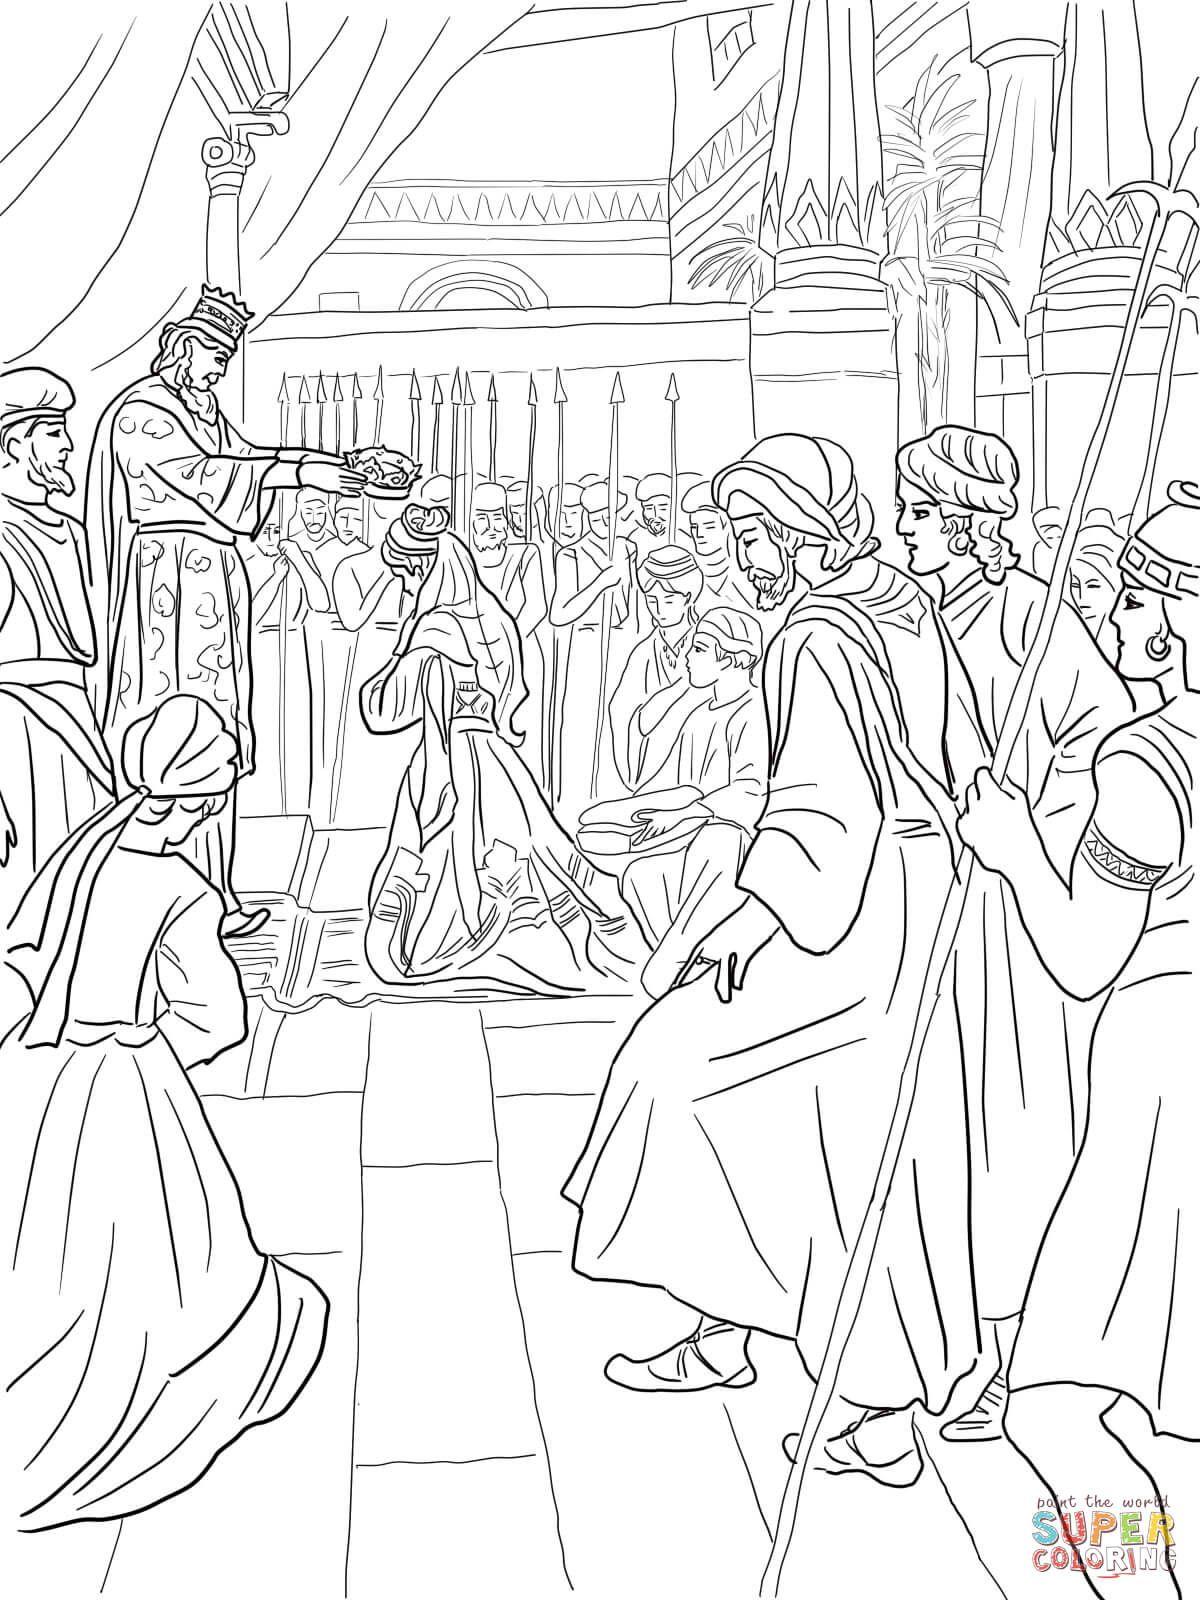 Esther wordt een koningin | Super Coloring | Biblical Studies ...